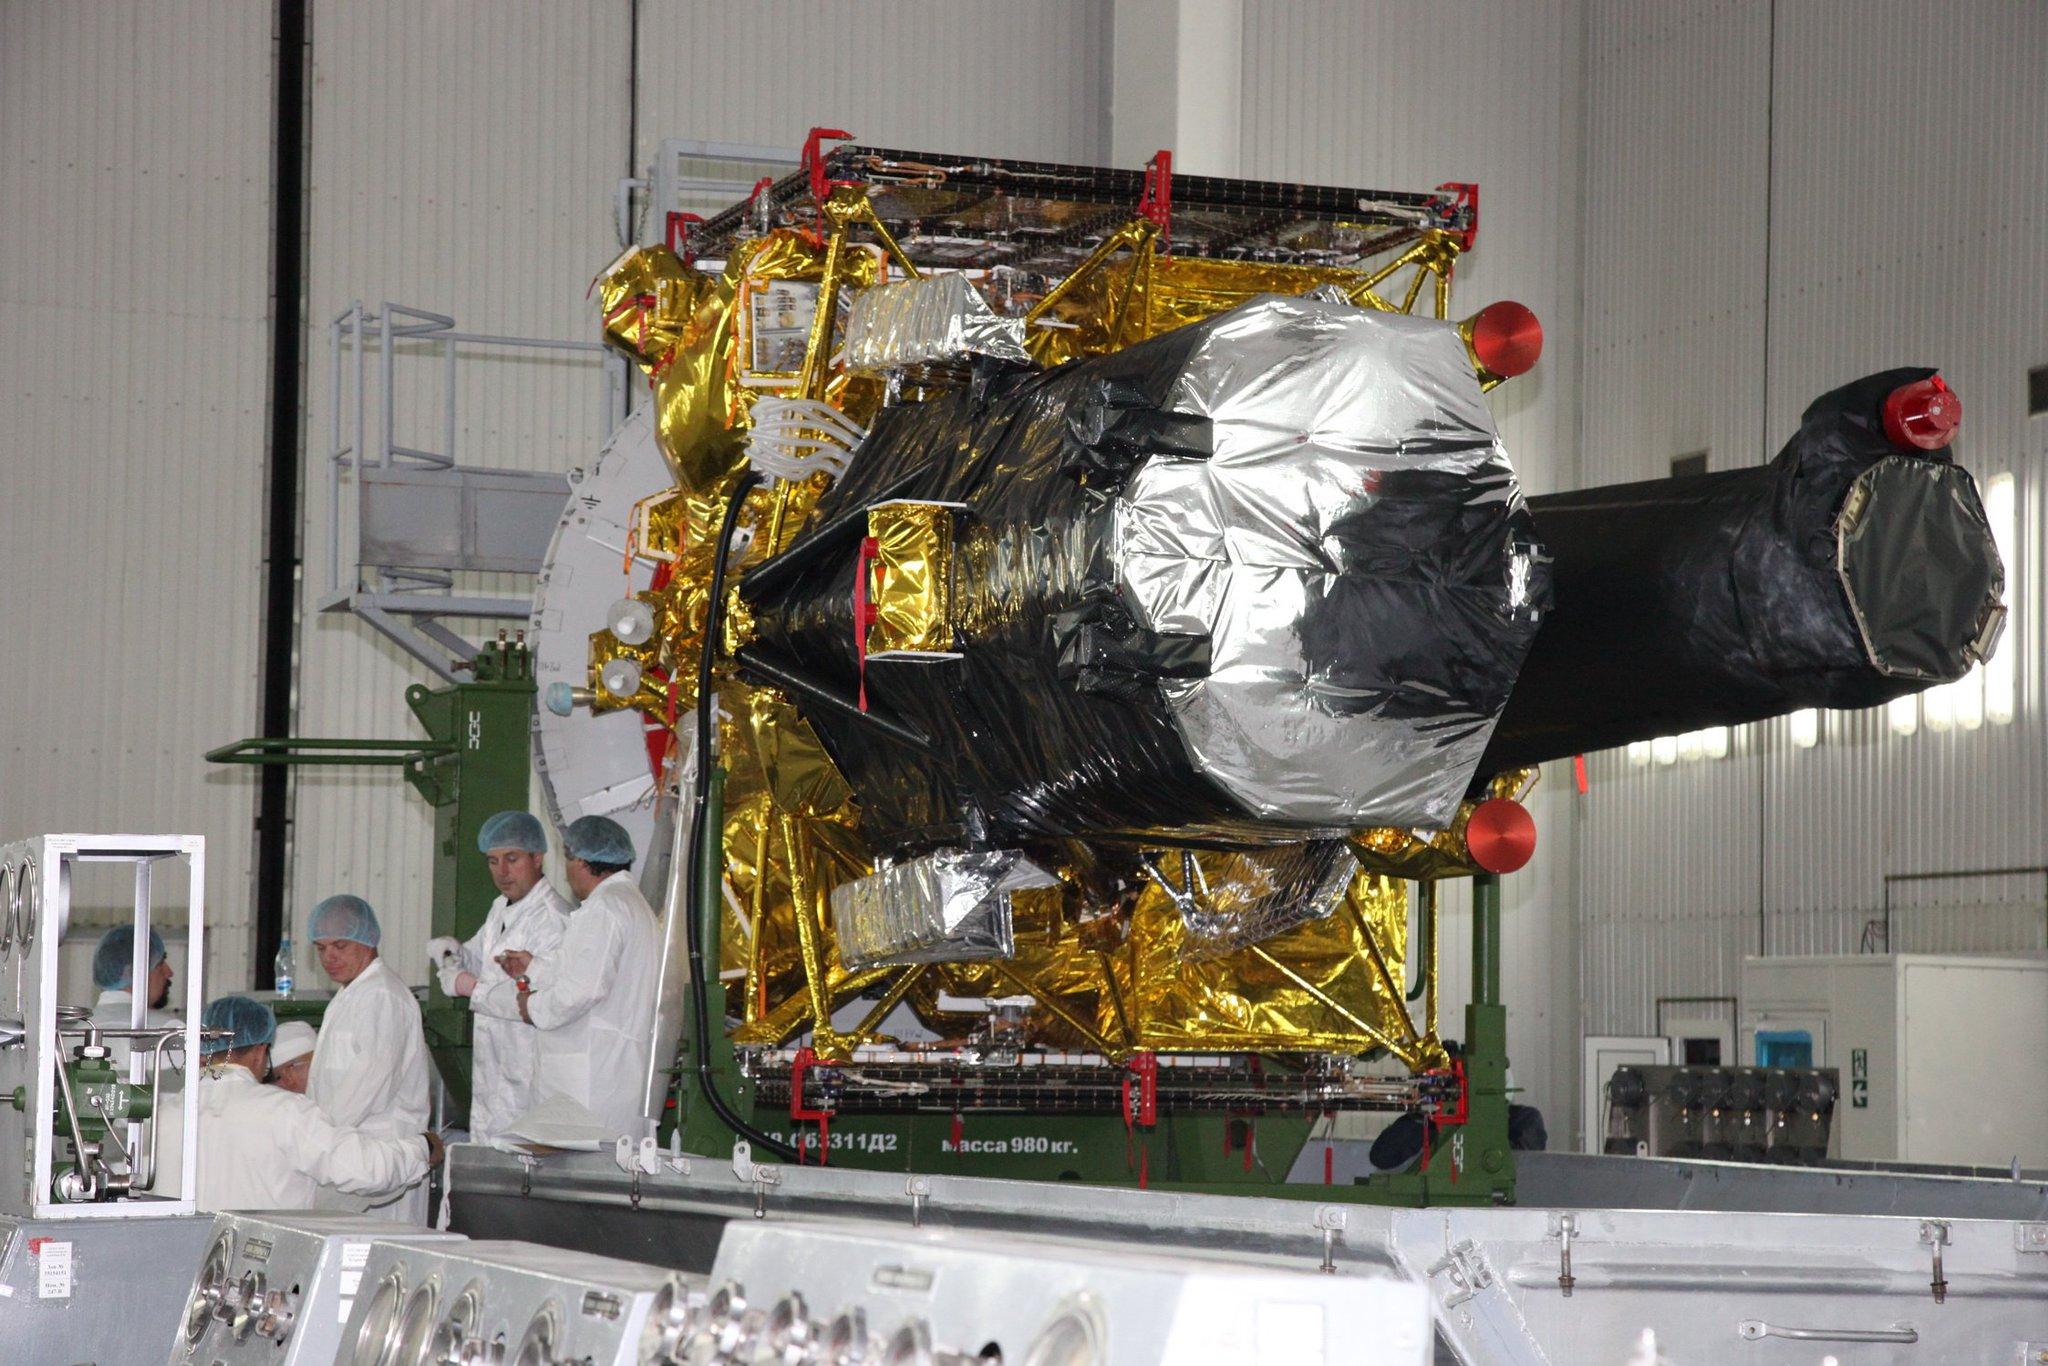 Телескоп Спектр РГ - Карлсонам как серпом по яйцам - в чём от него польза Украине и США